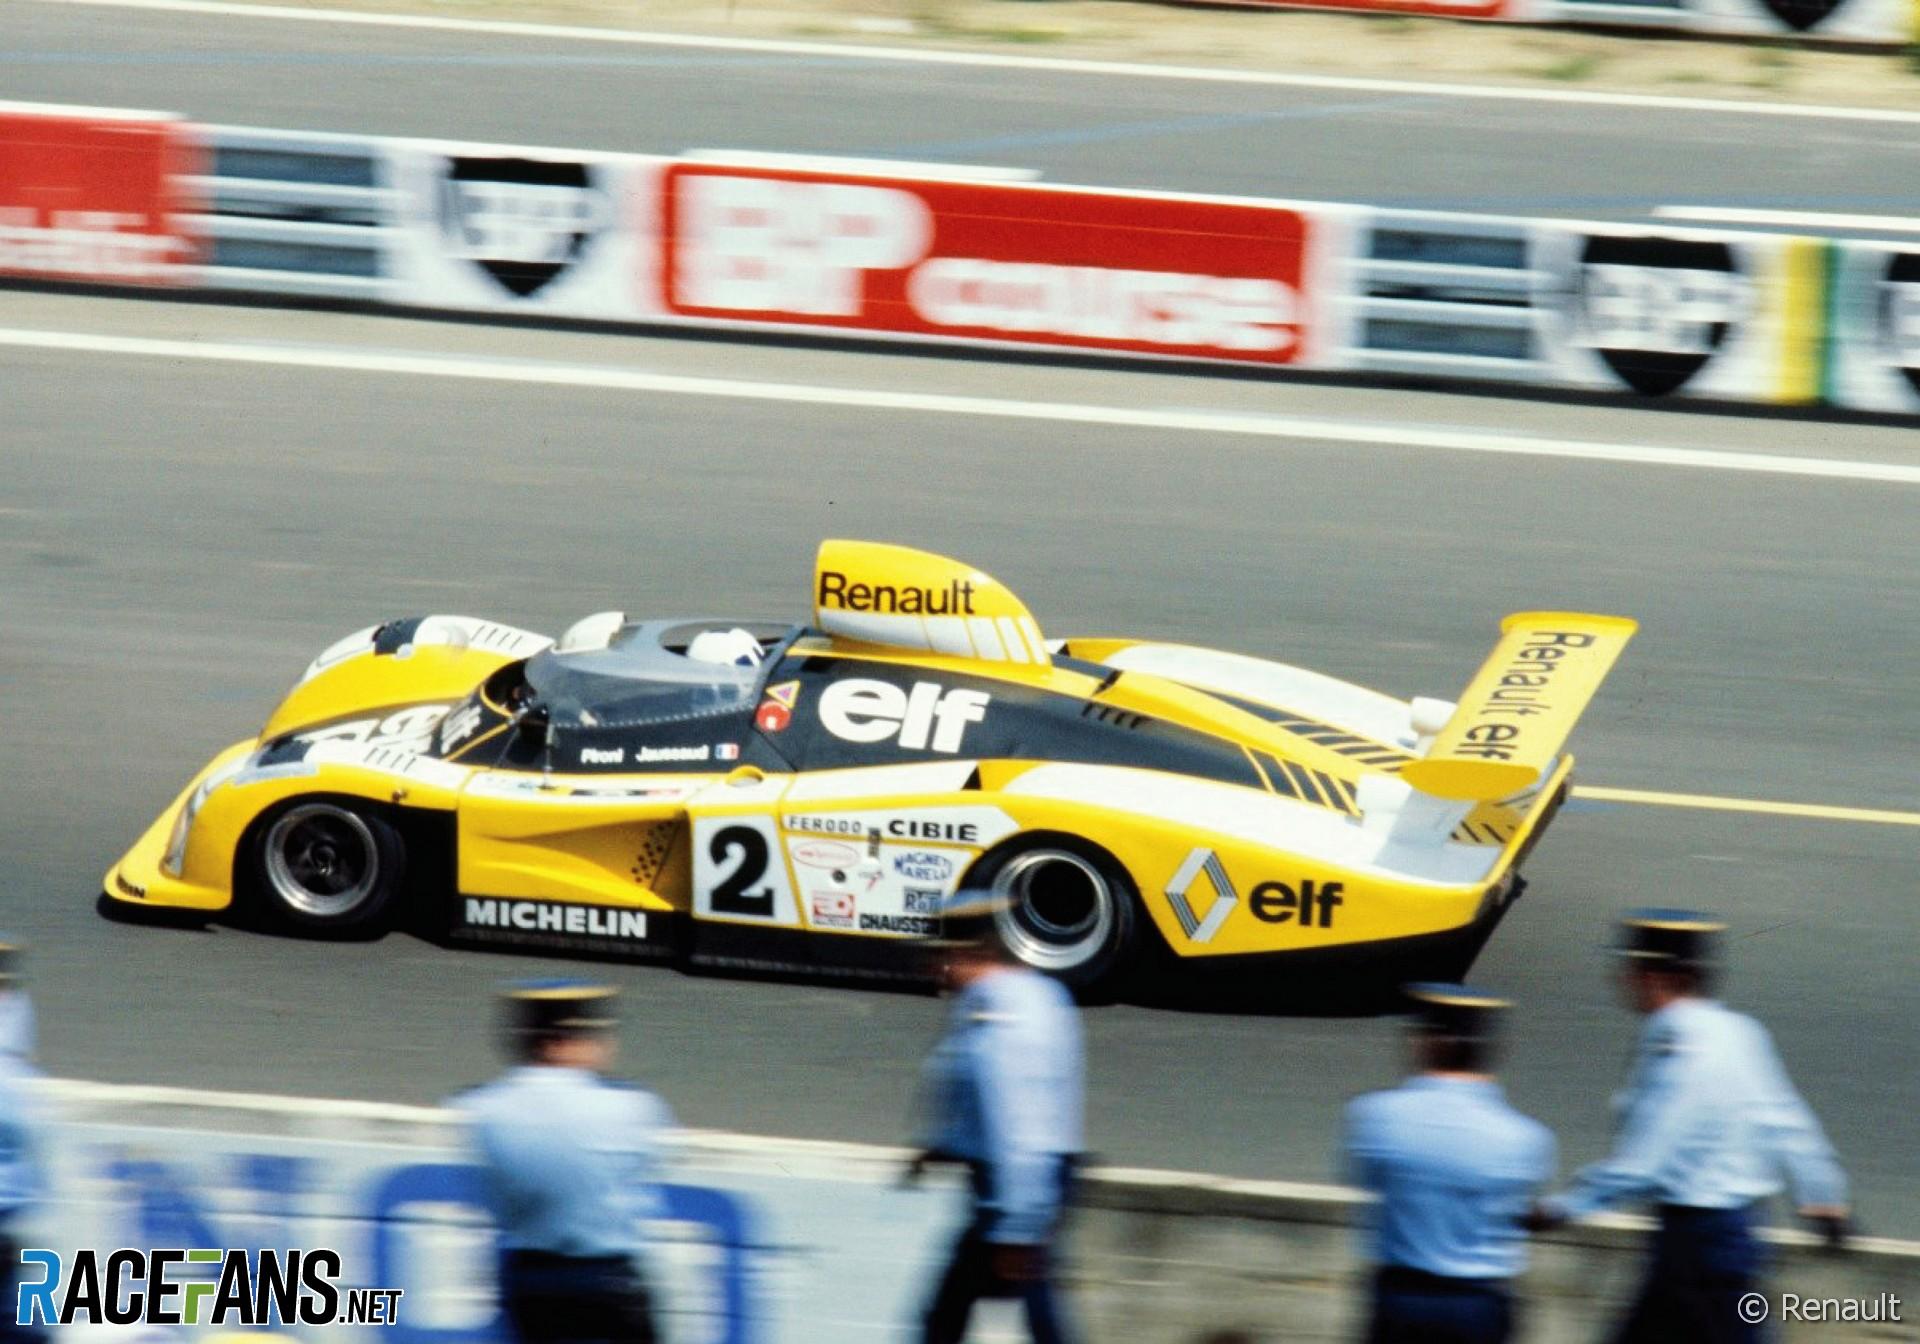 Didier Pironi, Jean-Pierre Jaussaud, Renault-Alpine, Le Mans 24 Hurs, 1978